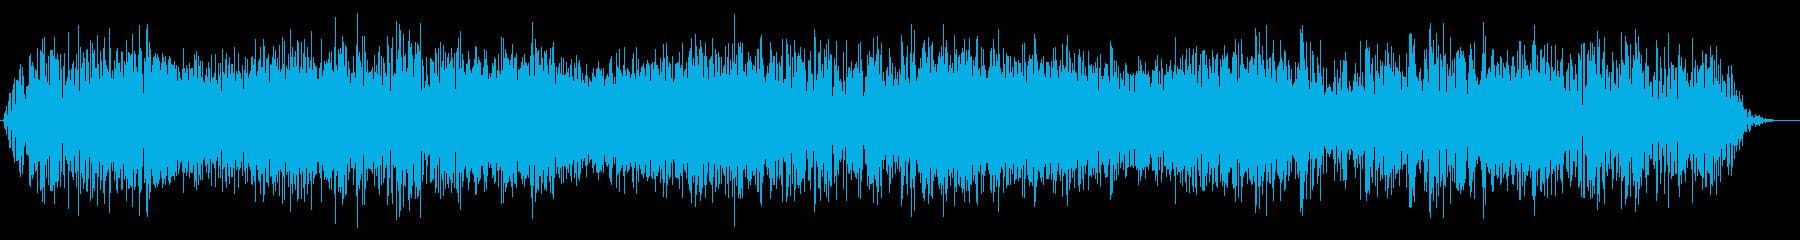 ゴゴゴゴ・・激しい地鳴り・地震の再生済みの波形